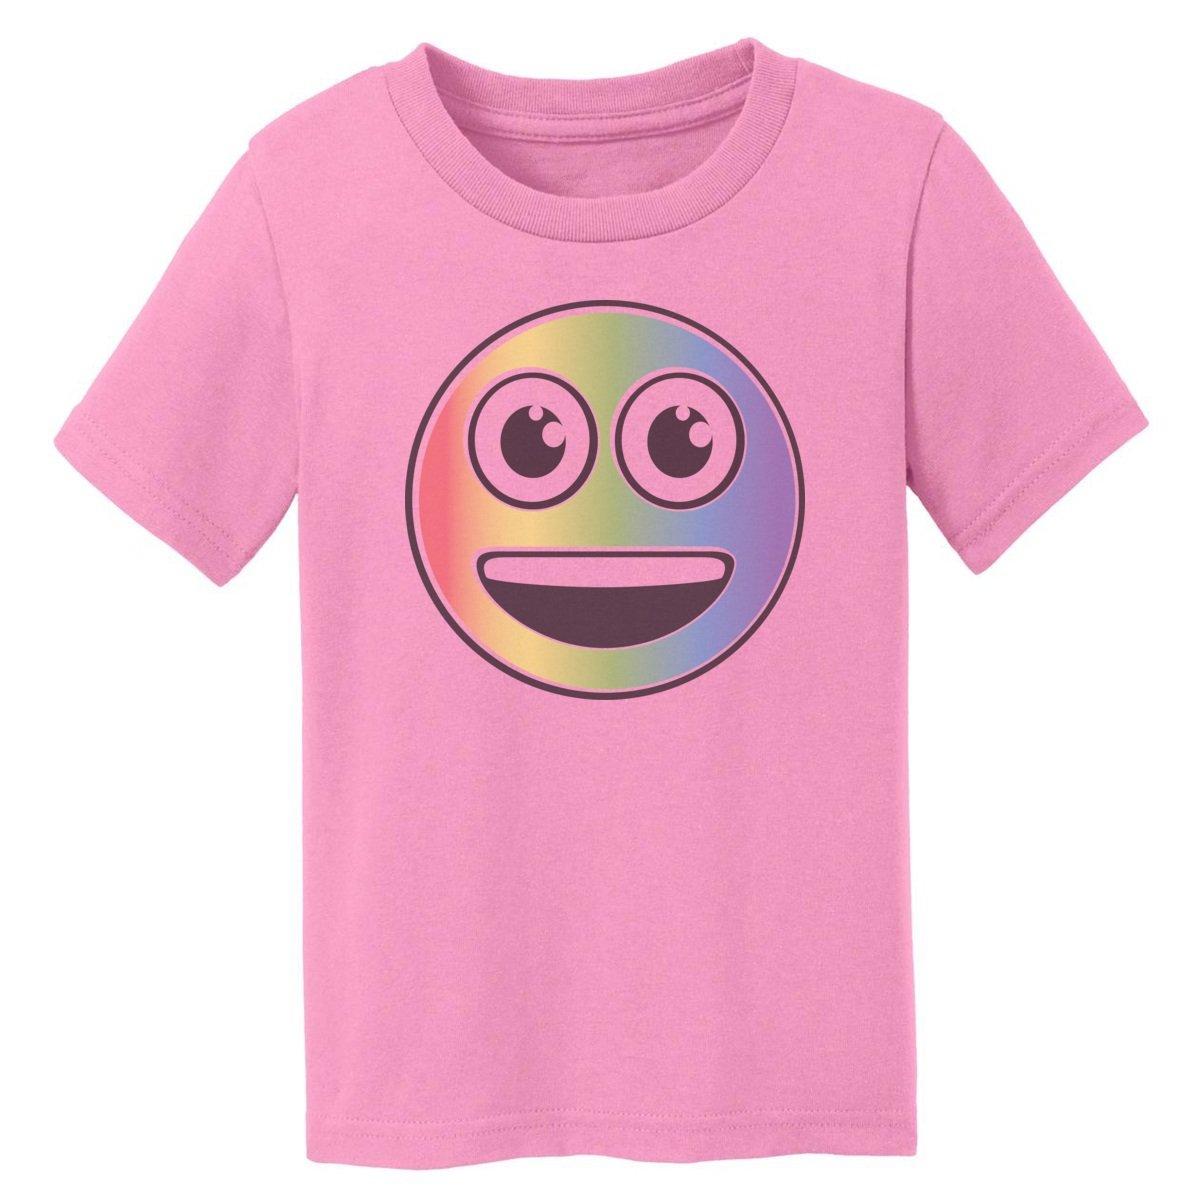 Digital T-Shirt Shop Baby-boys Rainbow Happy Emoji